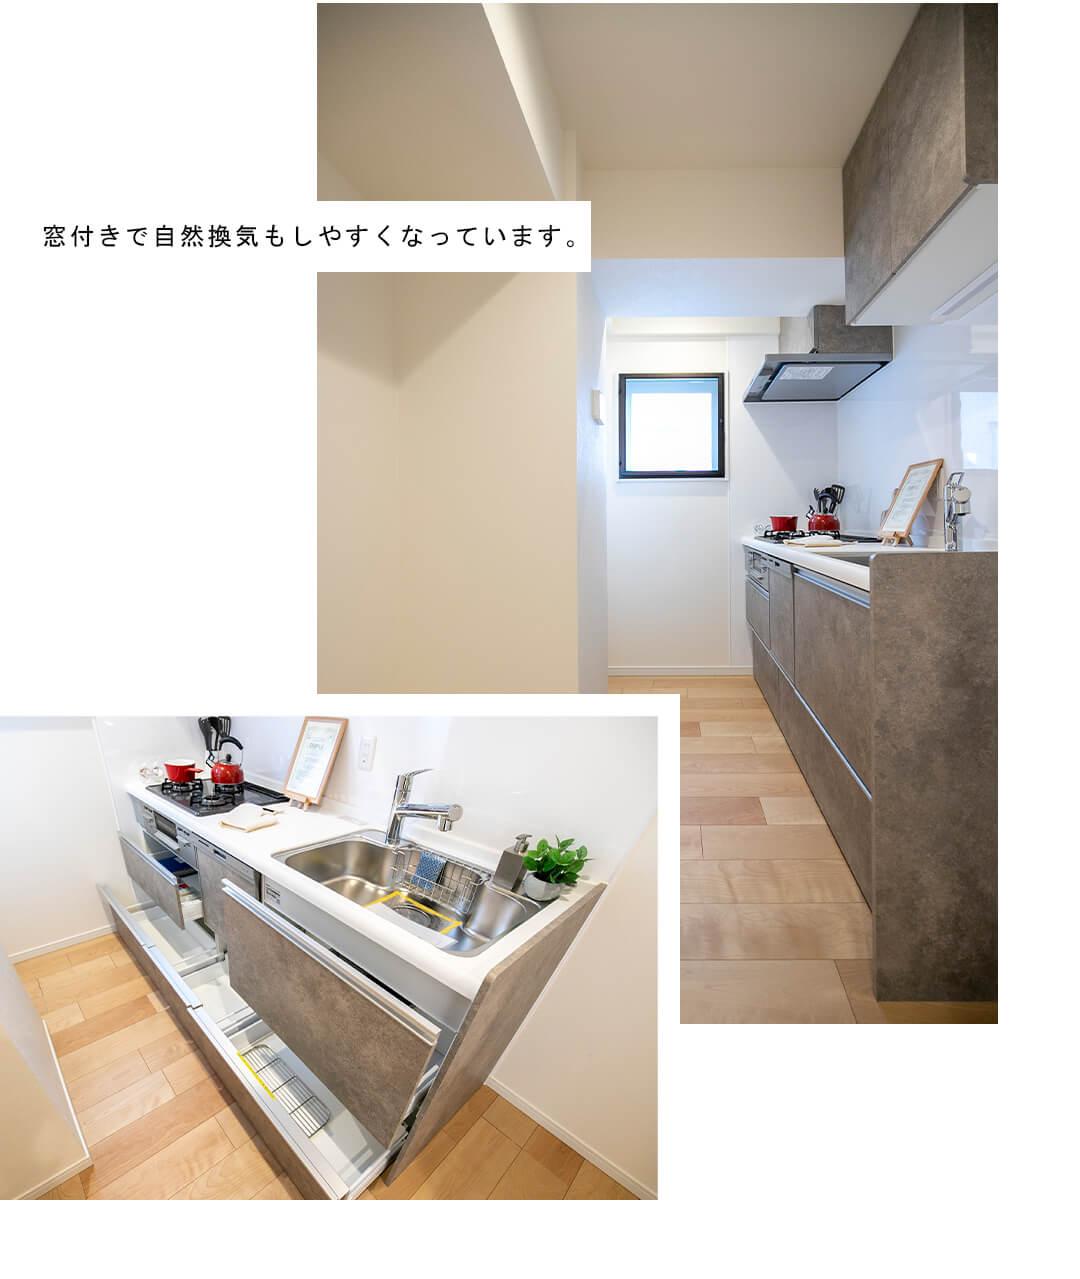 ライオンズマンション小石川台のキッチン